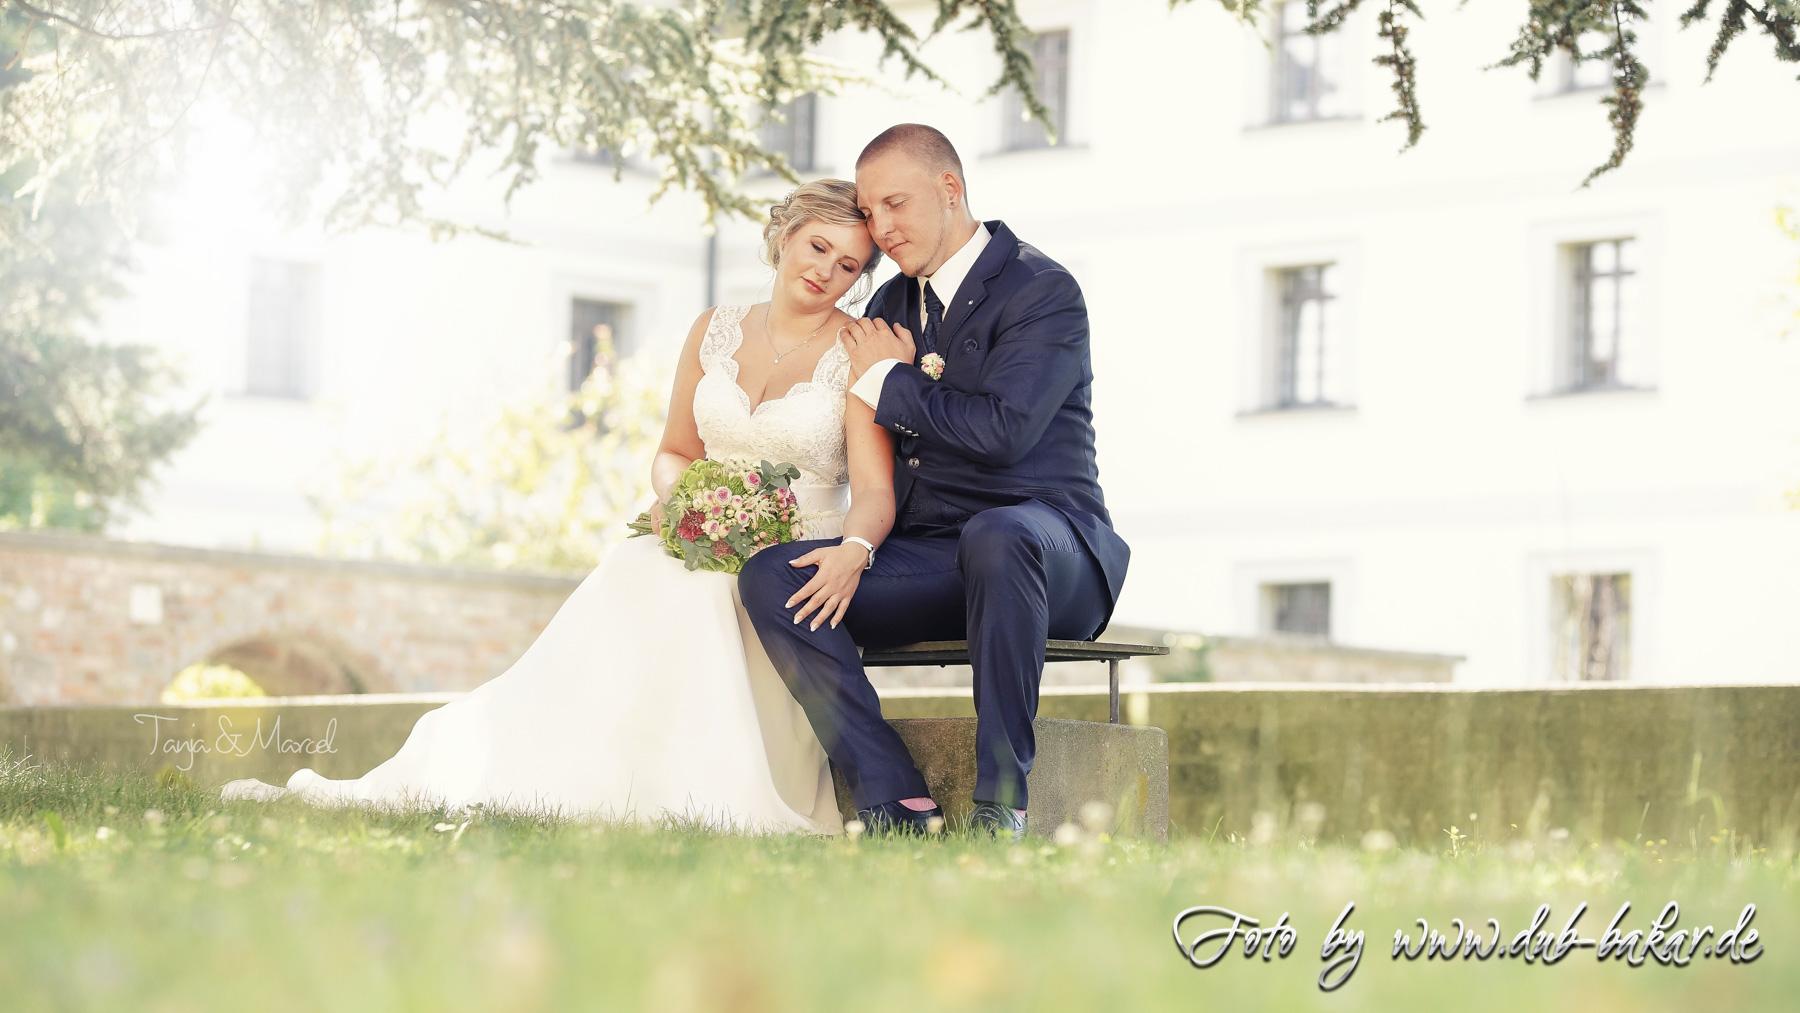 Tanja & Marcel (421)a